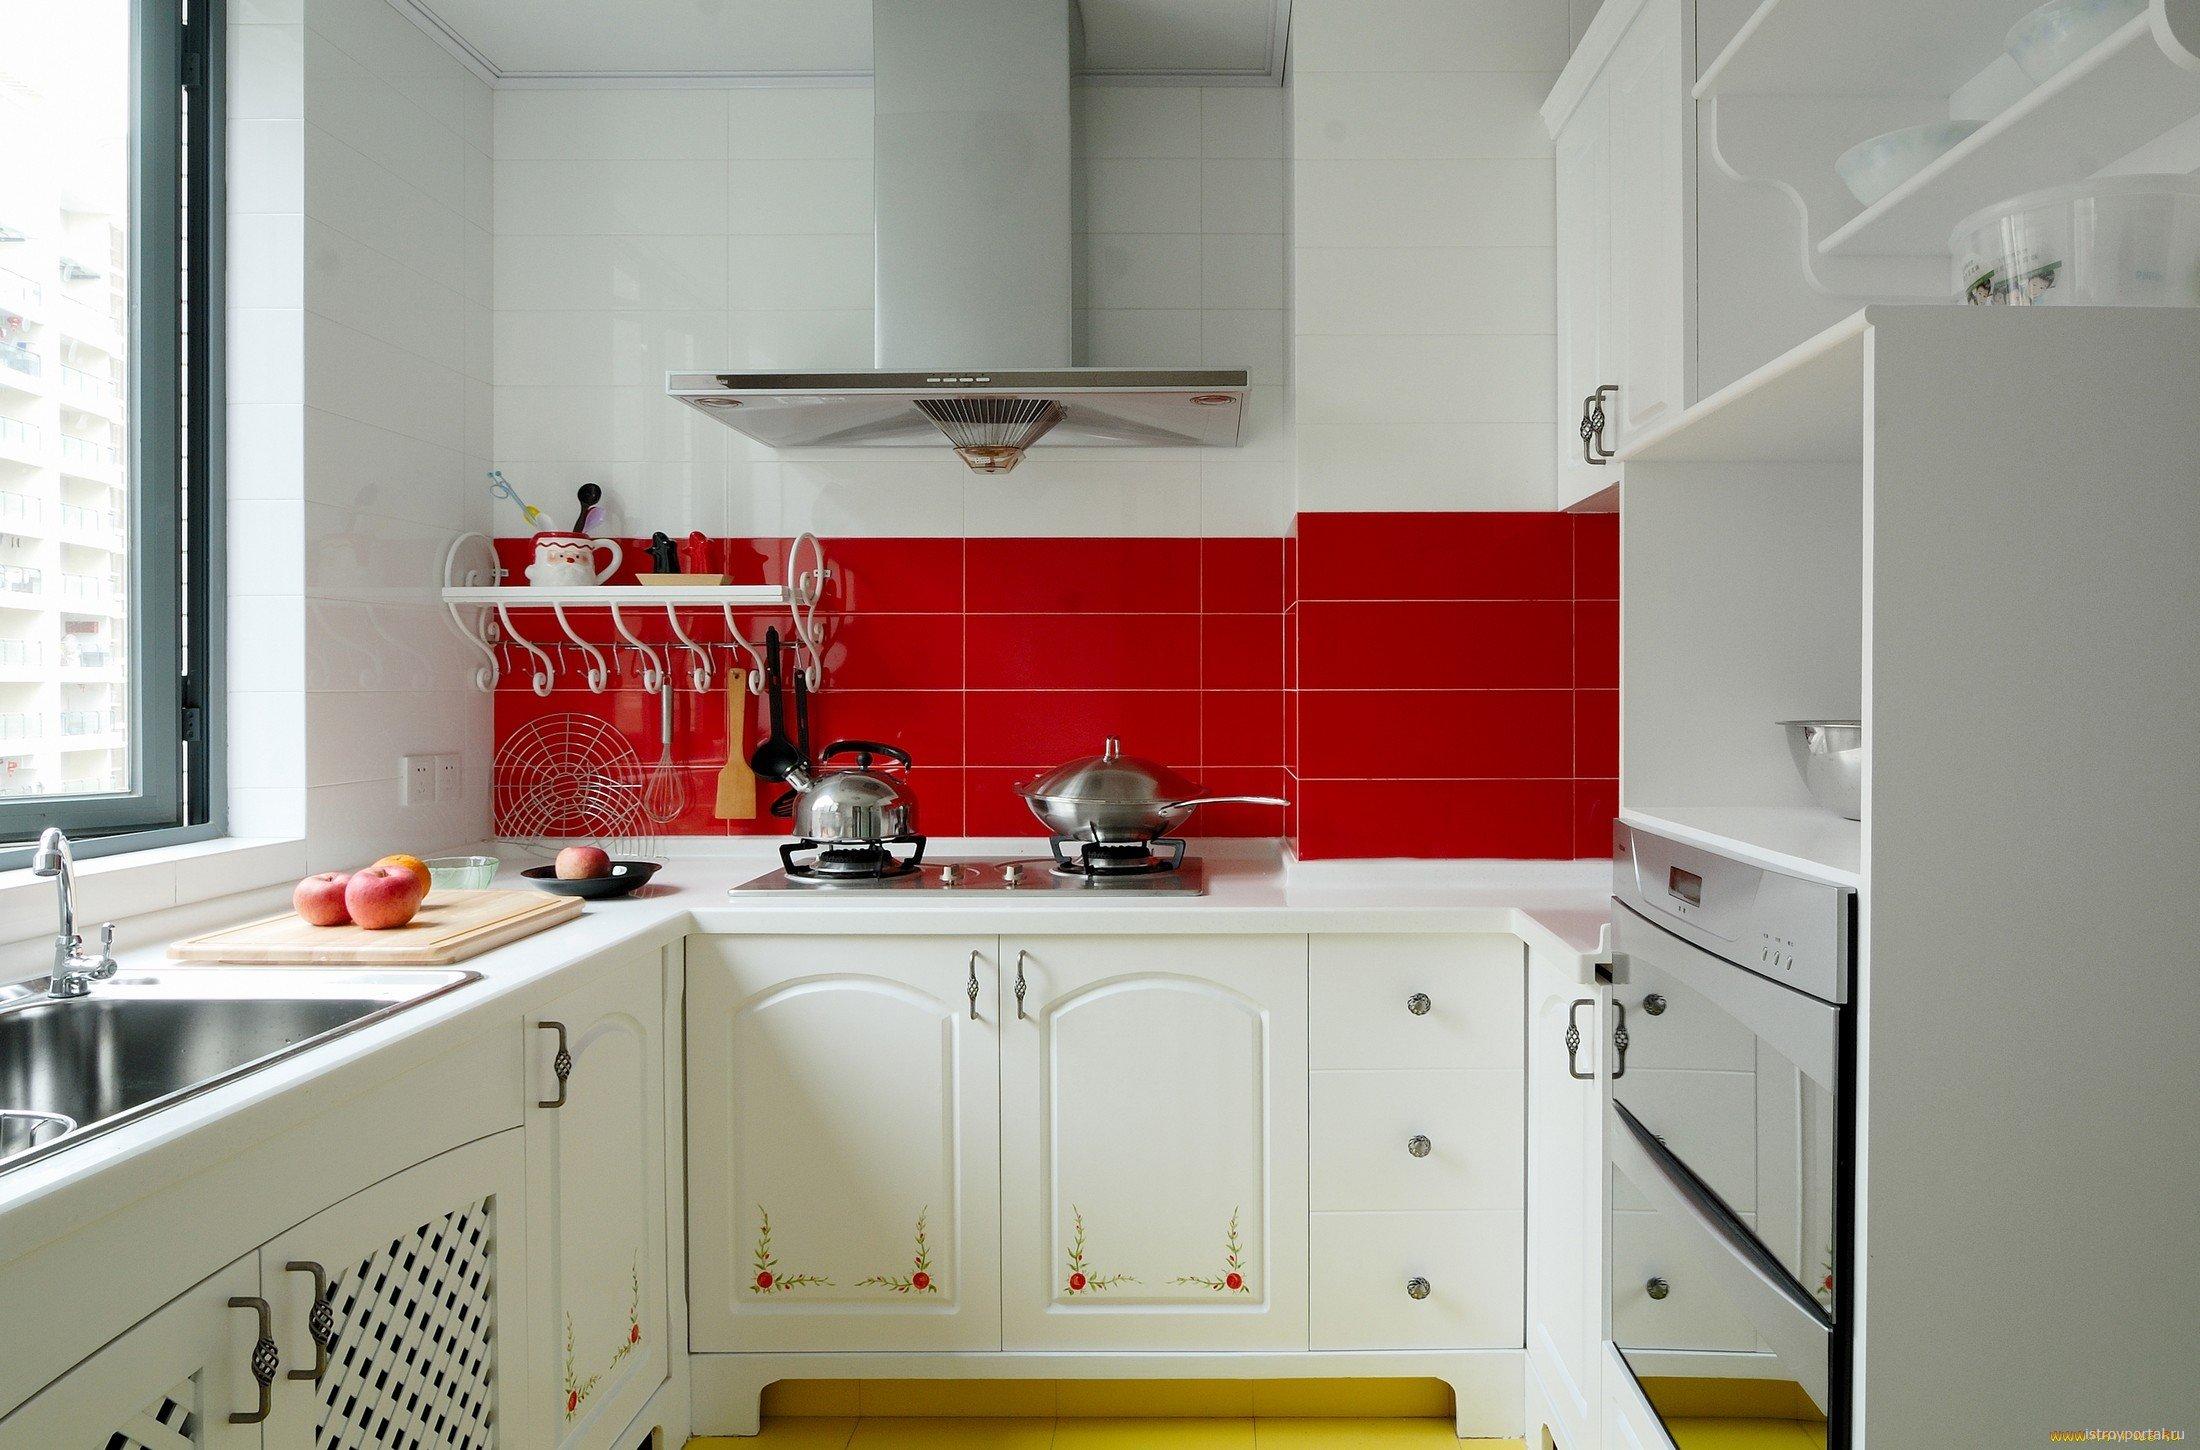 Маленькая кухня 6 кв.м: секреты удобного и стильного обустройства (56 фото)